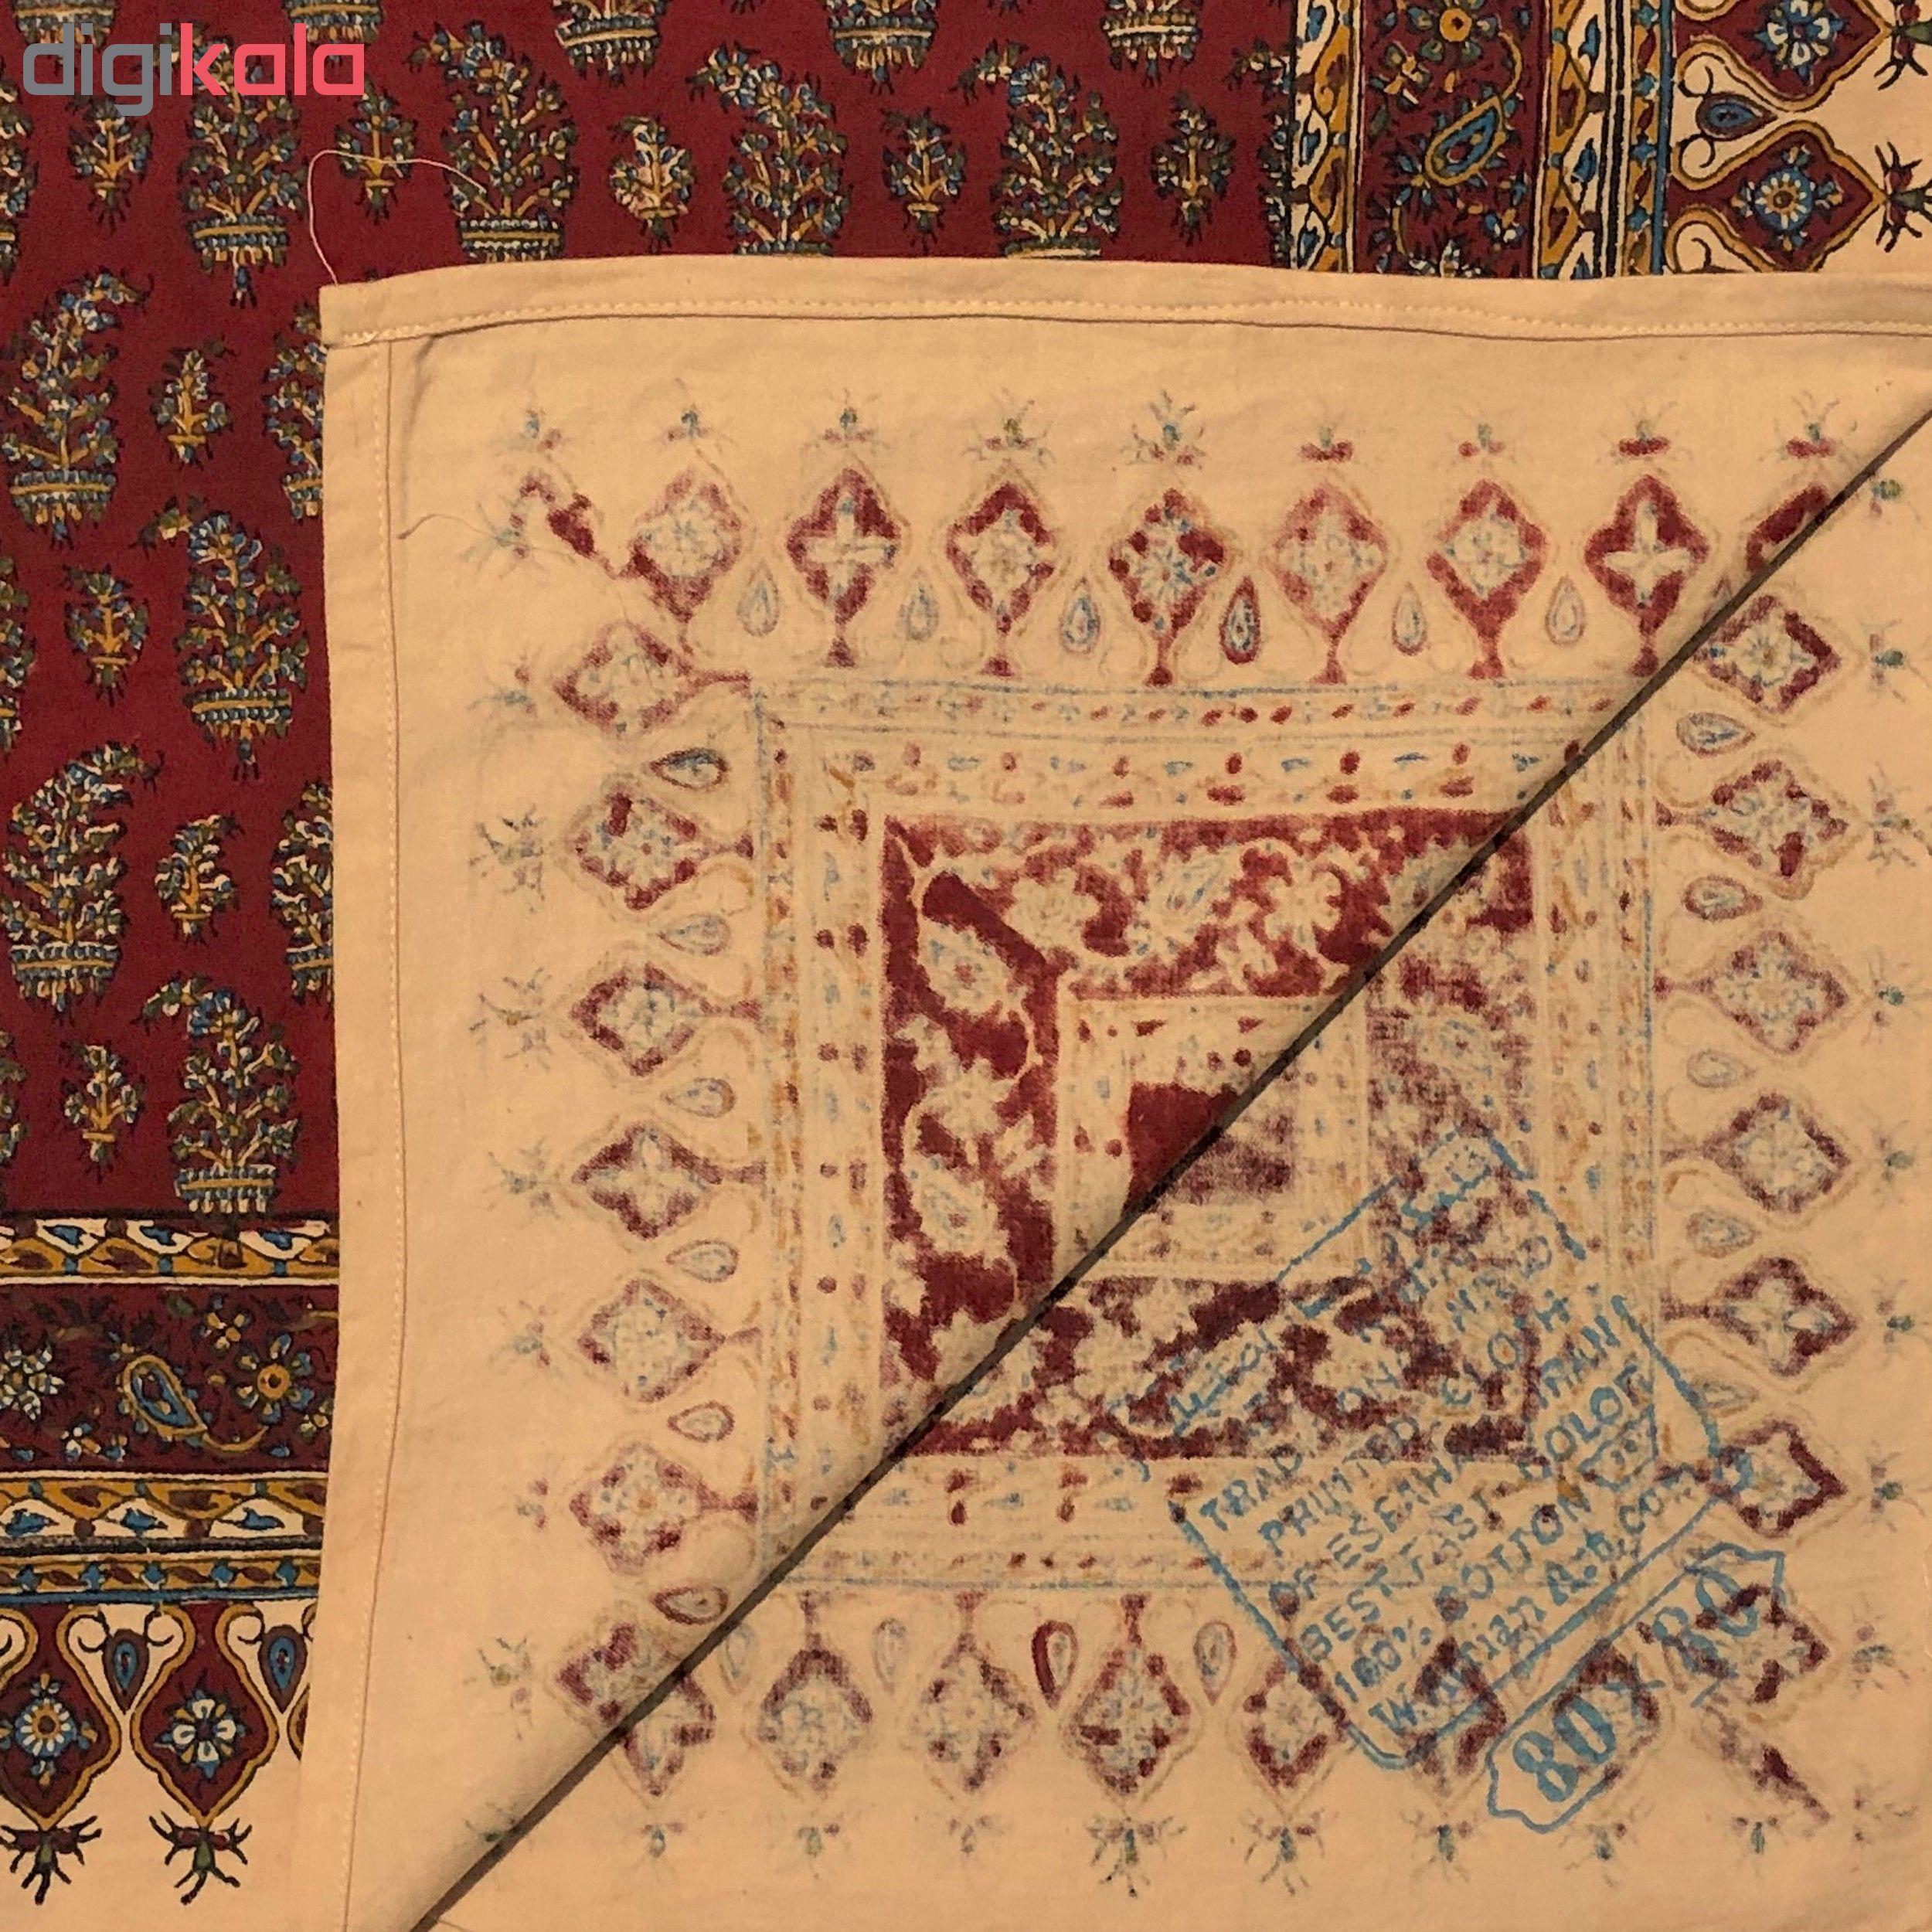 خرید                      رومیزی قلمکار ممتاز اصفهان اثر عطريان طرح بته قرمزچلوار مدل G73سایز 80*80 سانتی متر